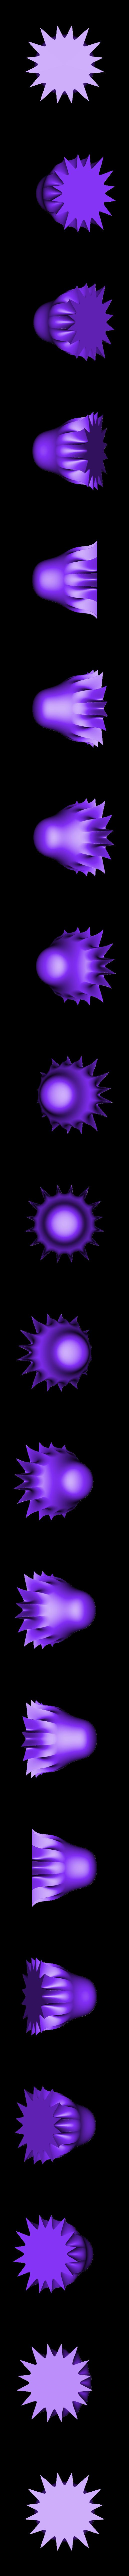 Hemisphere_Bowl_20.STL Télécharger fichier STL gratuit Hemisphere Bowl 20 • Modèle pour impression 3D, David_Mussaffi